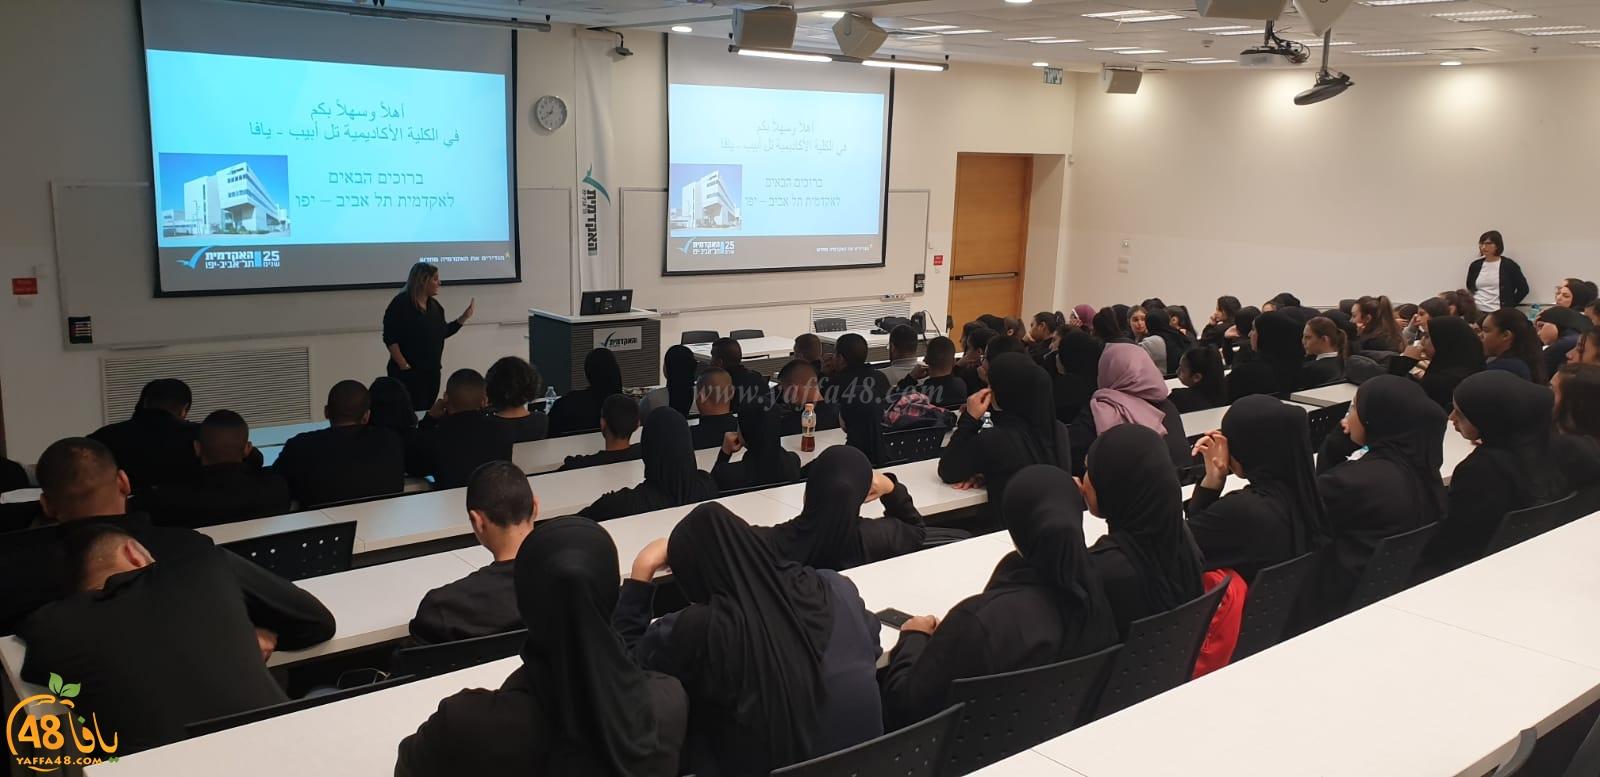 صور: الكلية الاكاديمية تستضيف طلاب ثانوية اورط في اللد ومعلميهم